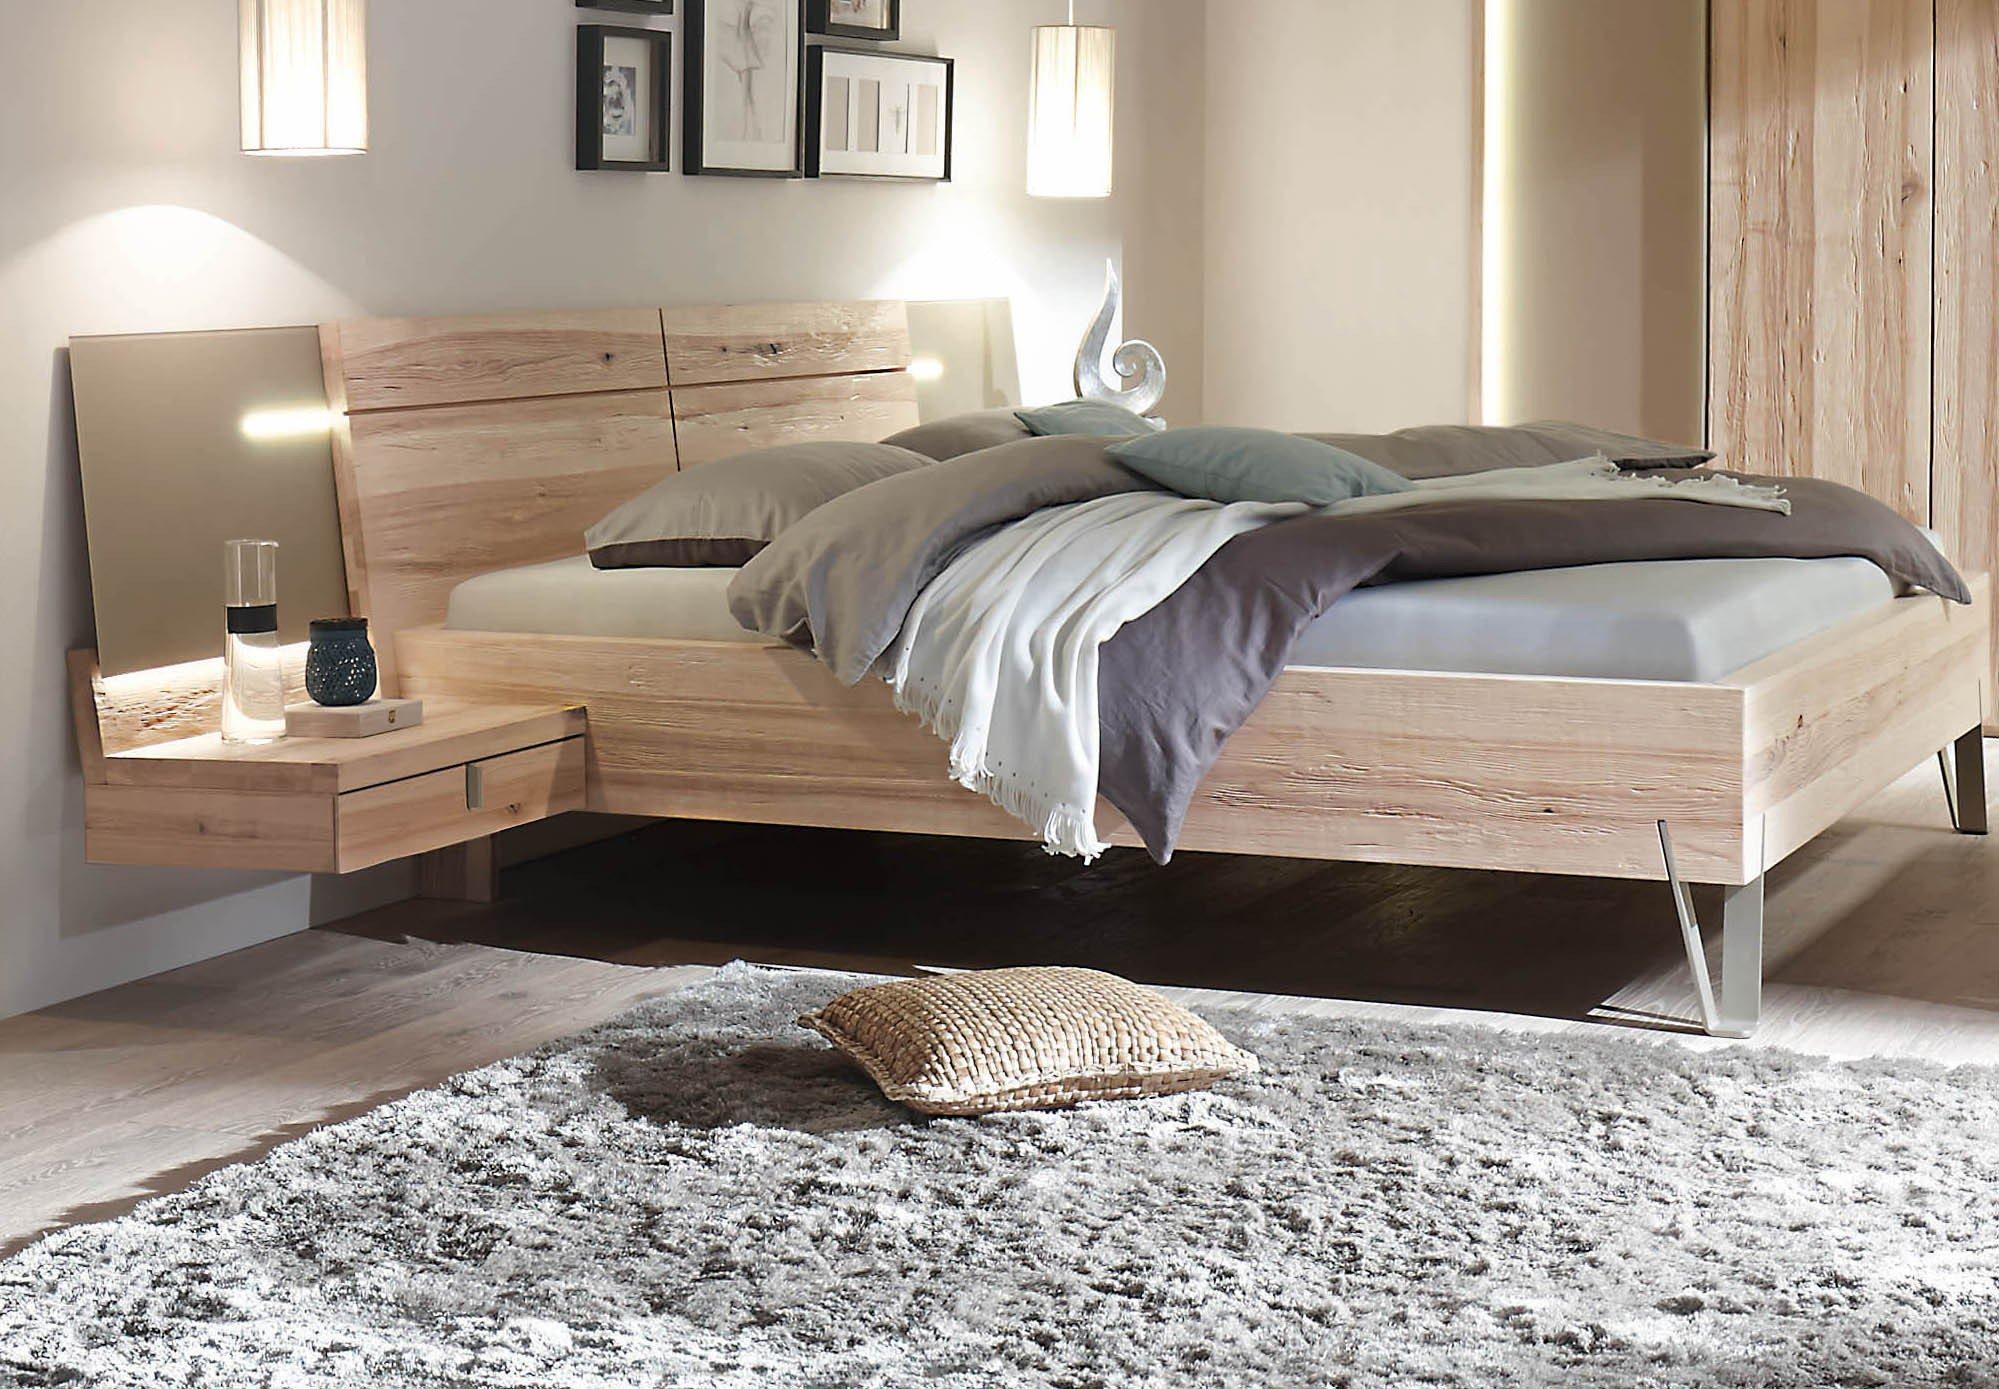 Schlafraum mobel von thielemeyer cubo wildesche mobel letz ihr 55 schlafzimmer m bel bilder - Schlafzimmer bei ebay ...